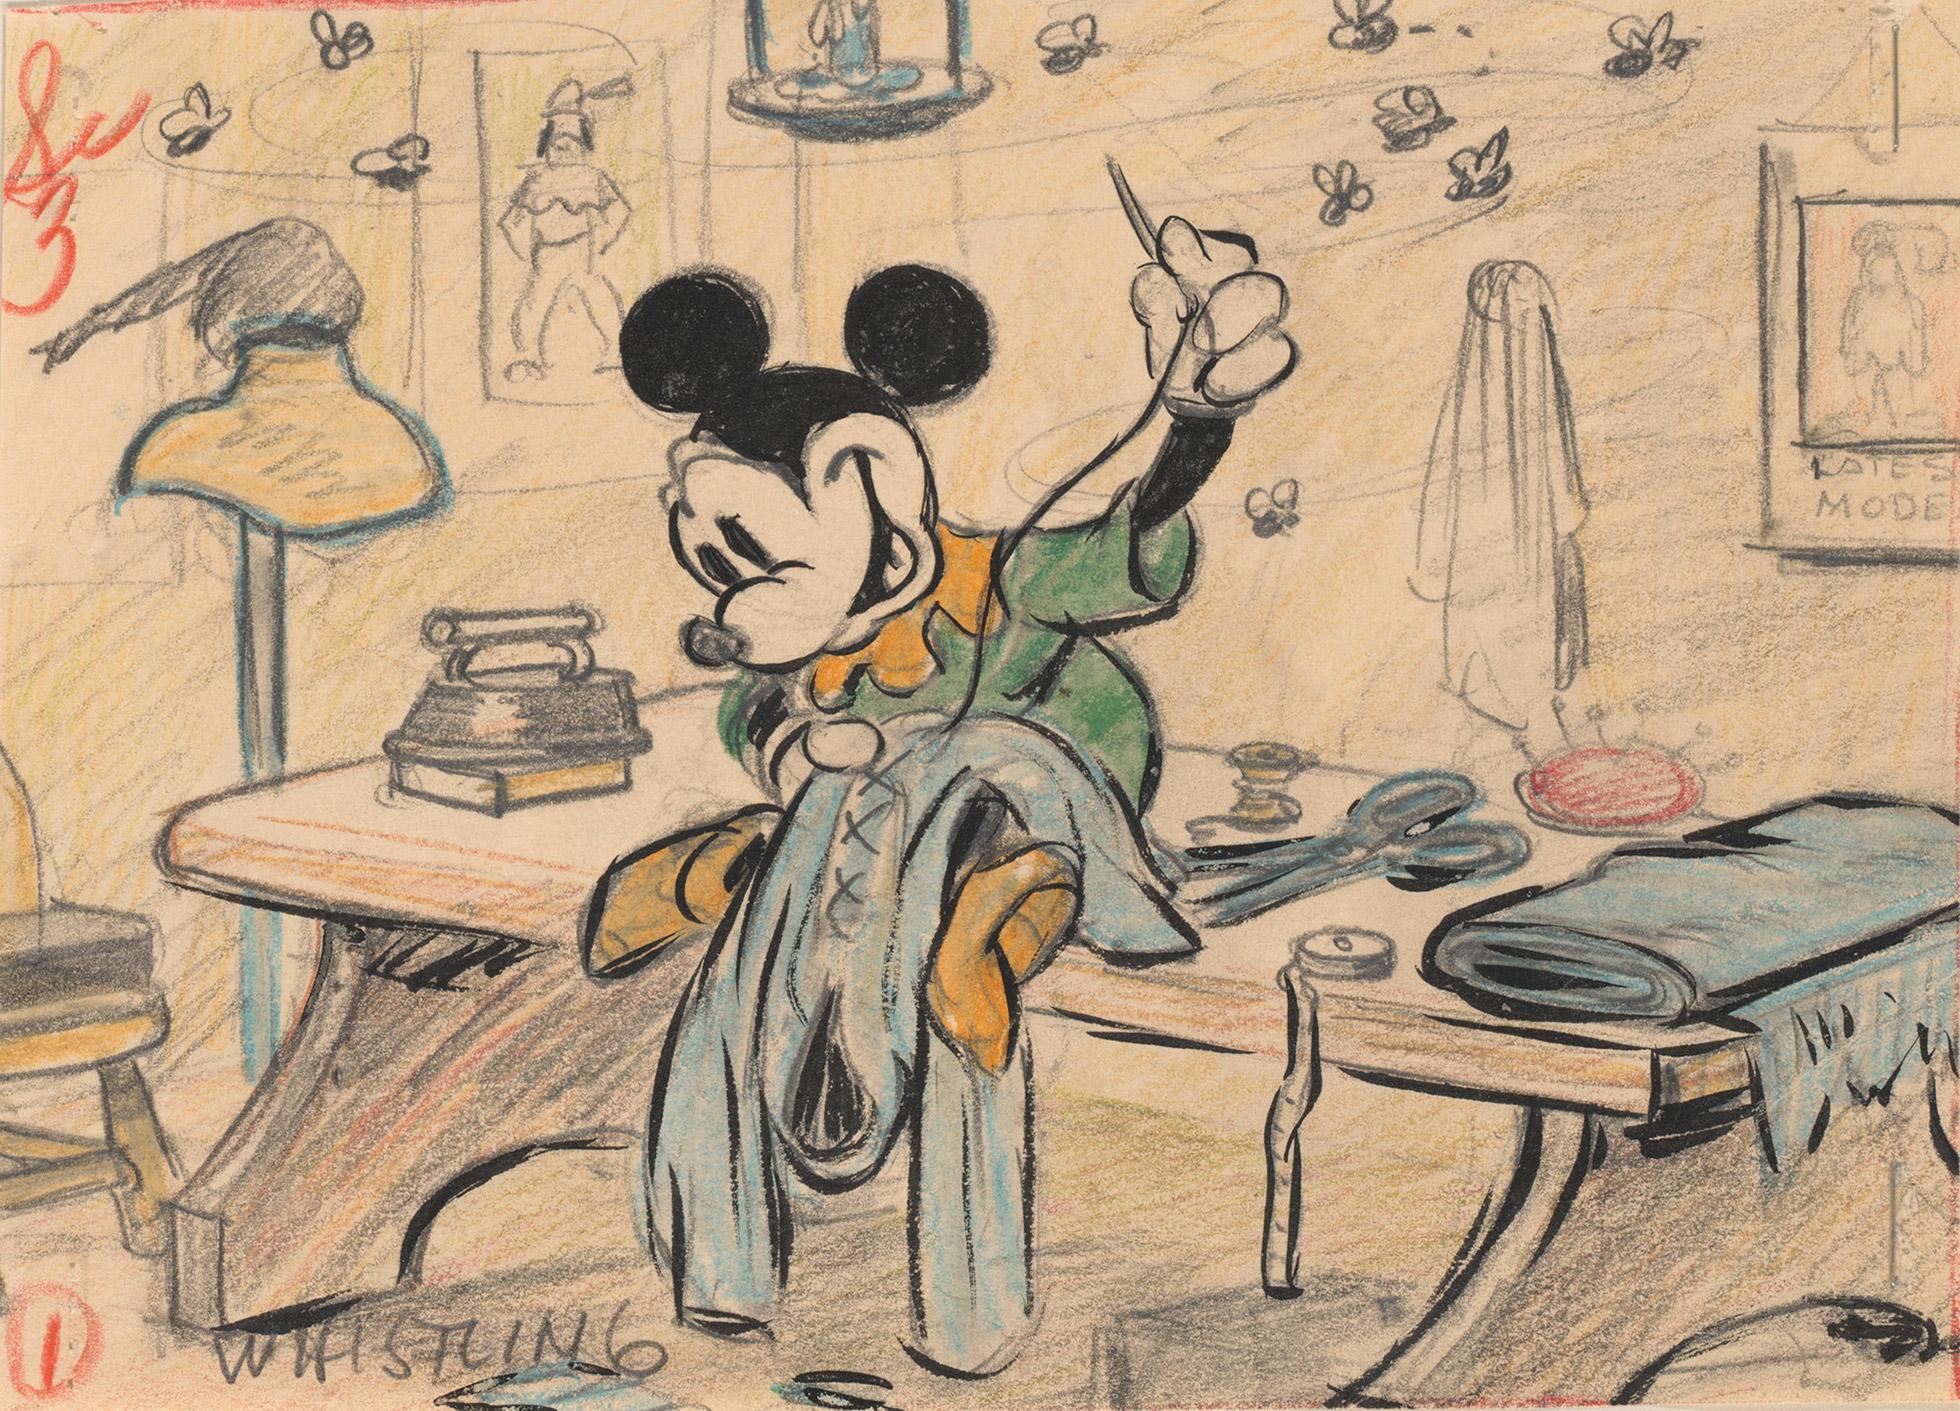 i-el-sastrecillo-valiente-i-1938-artista-del-estudio-disney-esbozo-lapiz-de-color-y-mina-de-grafito-sobre-papel-c-dis